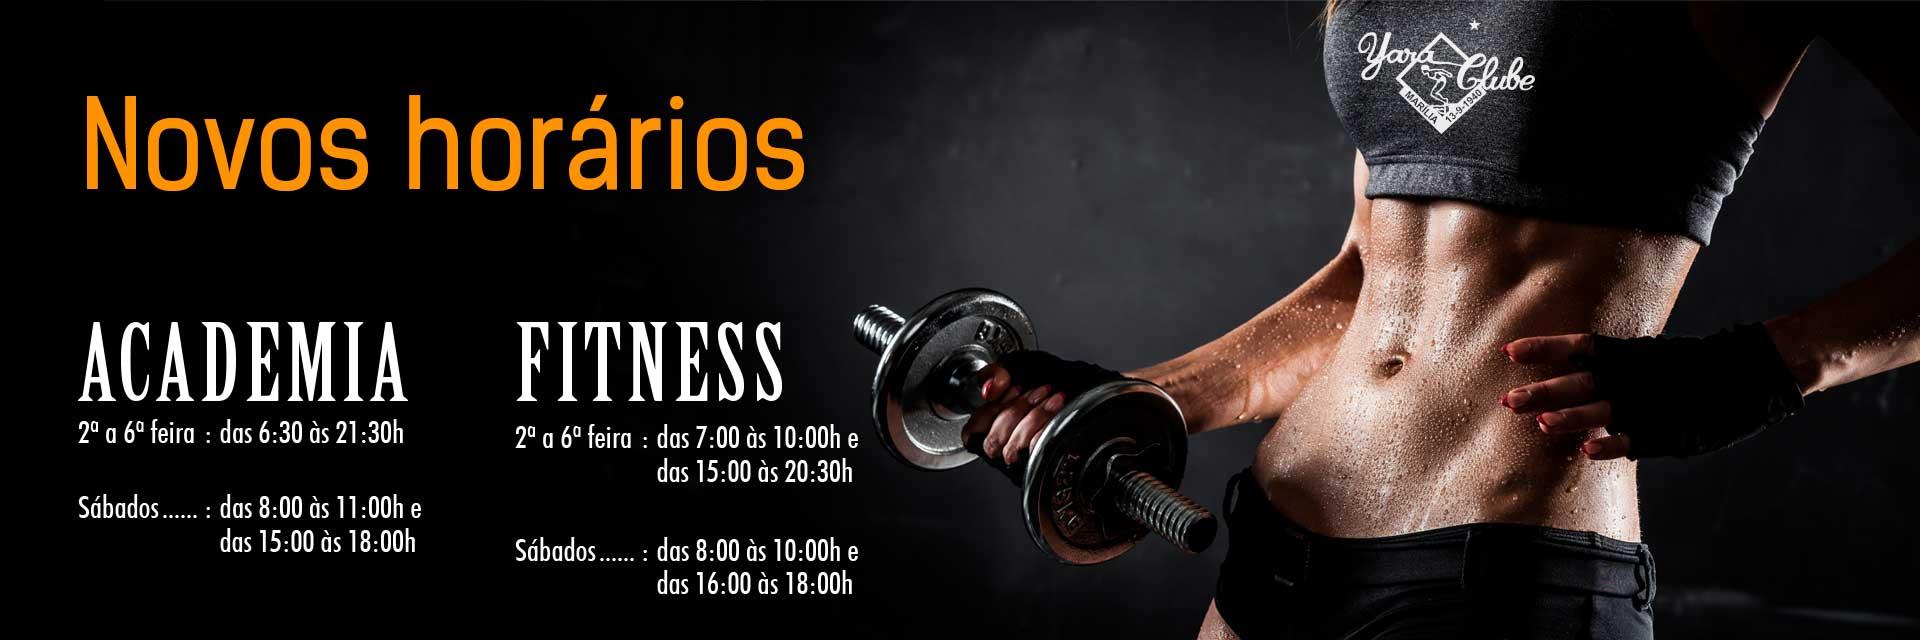 Novos Horarios da Academia e Fitness